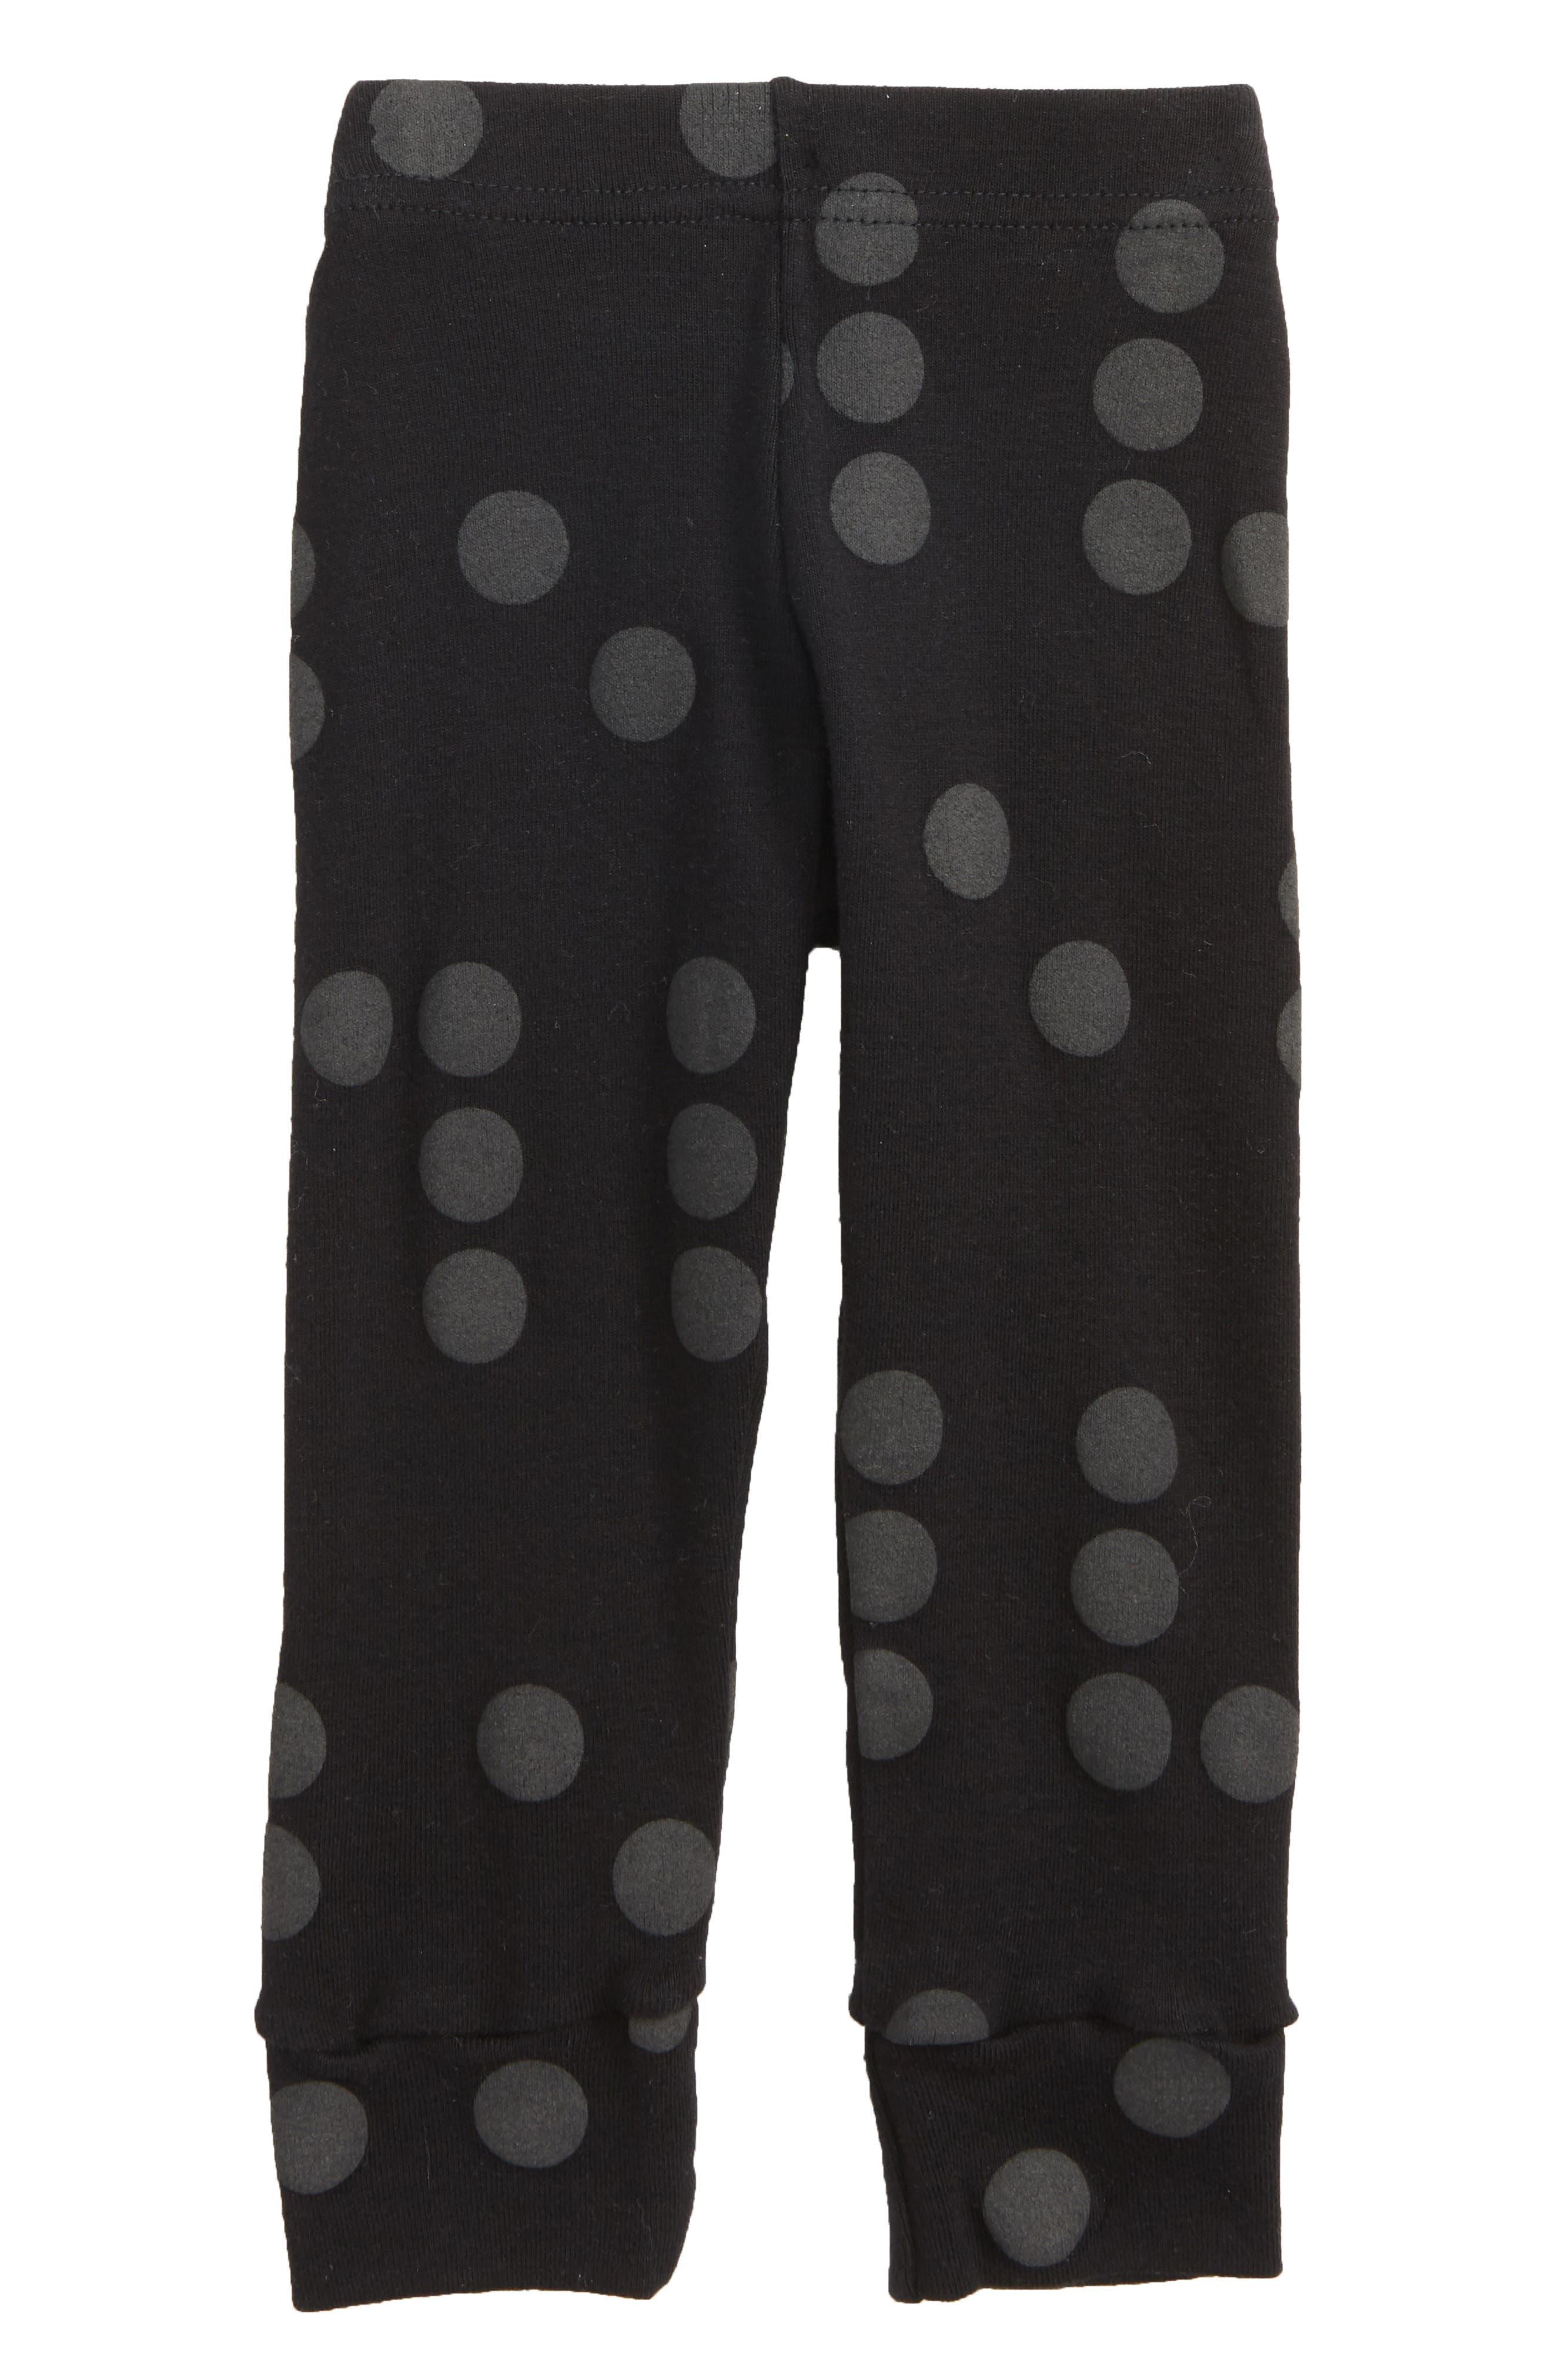 Braille Pants,                             Main thumbnail 1, color,                             Black